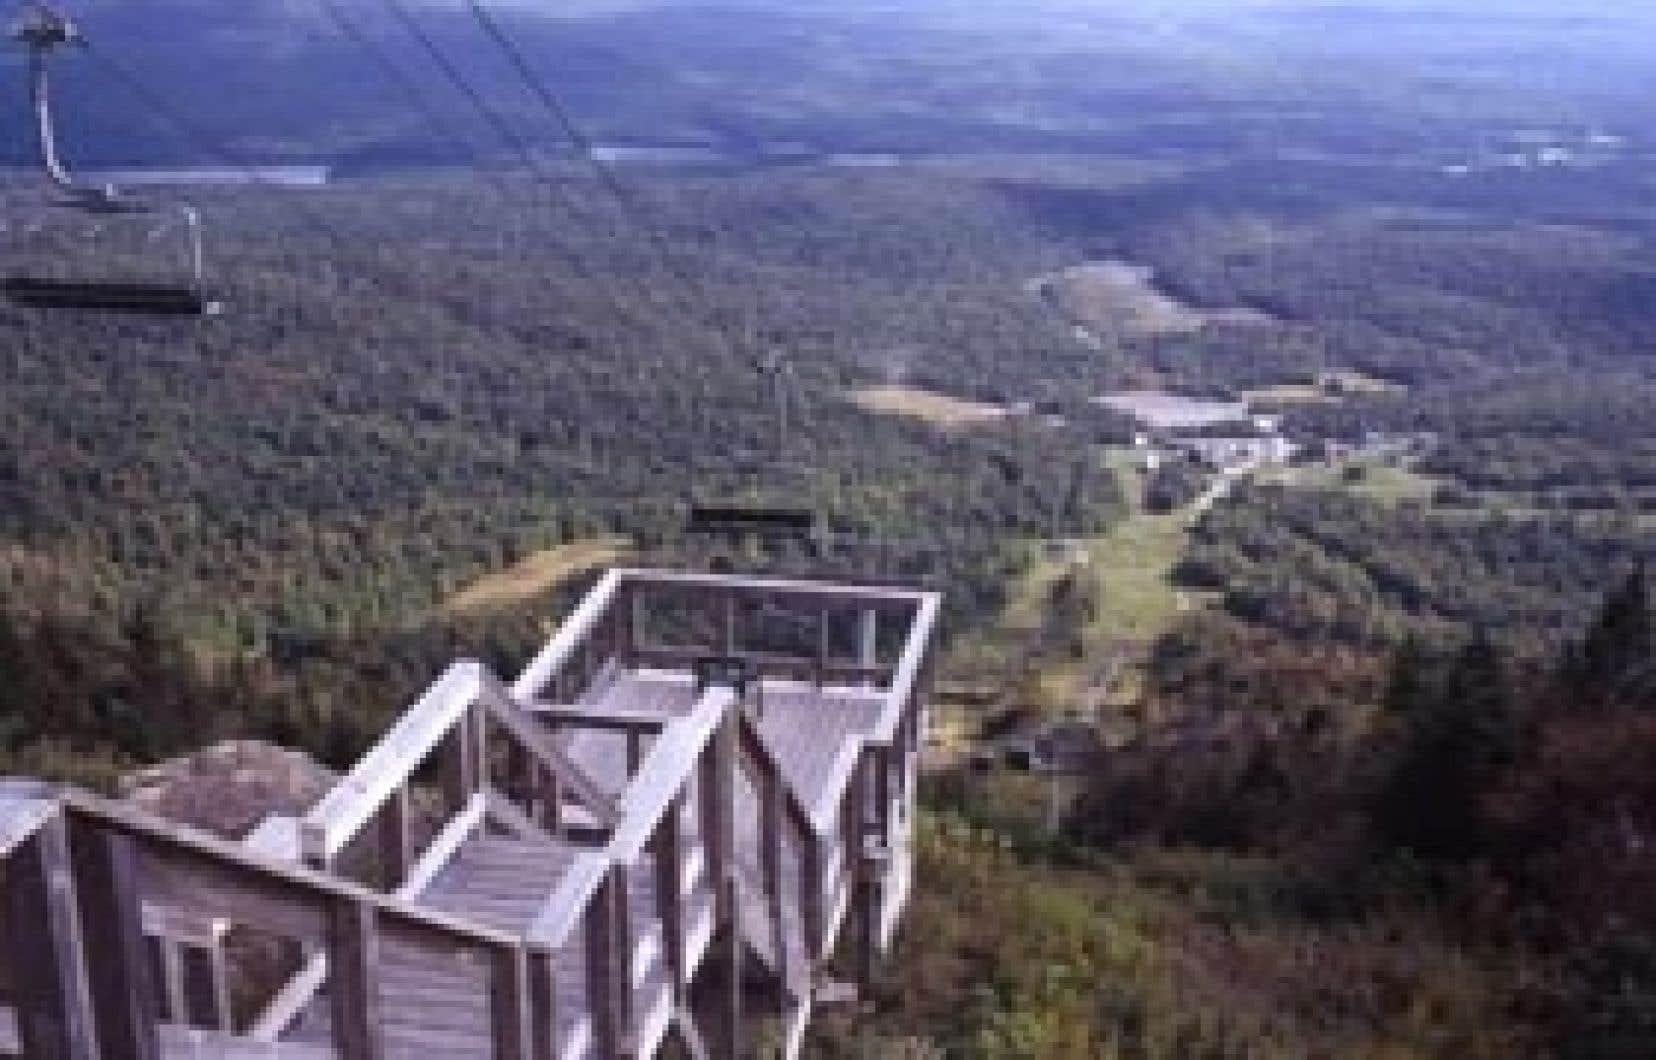 Vue du sommet du mont Orford. Une fois au sommet, les fanas de randonnée souhaiteront redescendre dans la vallée en empruntant le sentier des Crêtes pour un parcours de 7,2 kilomètres refait selon des principes écologiques.